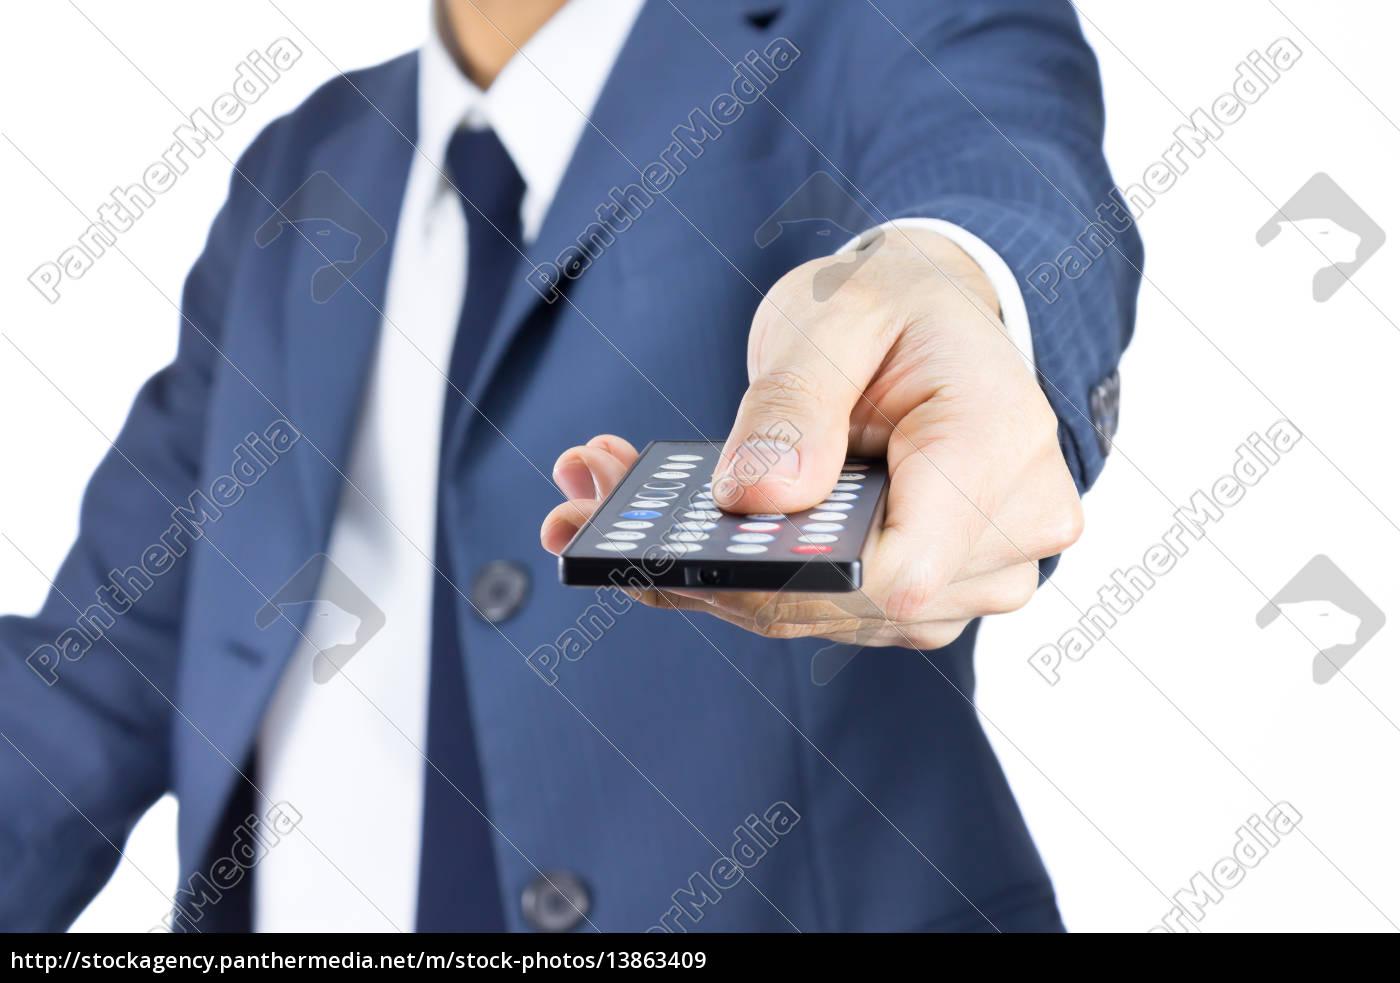 hombre, de, negocios, con, control, remoto, aislado - 13863409